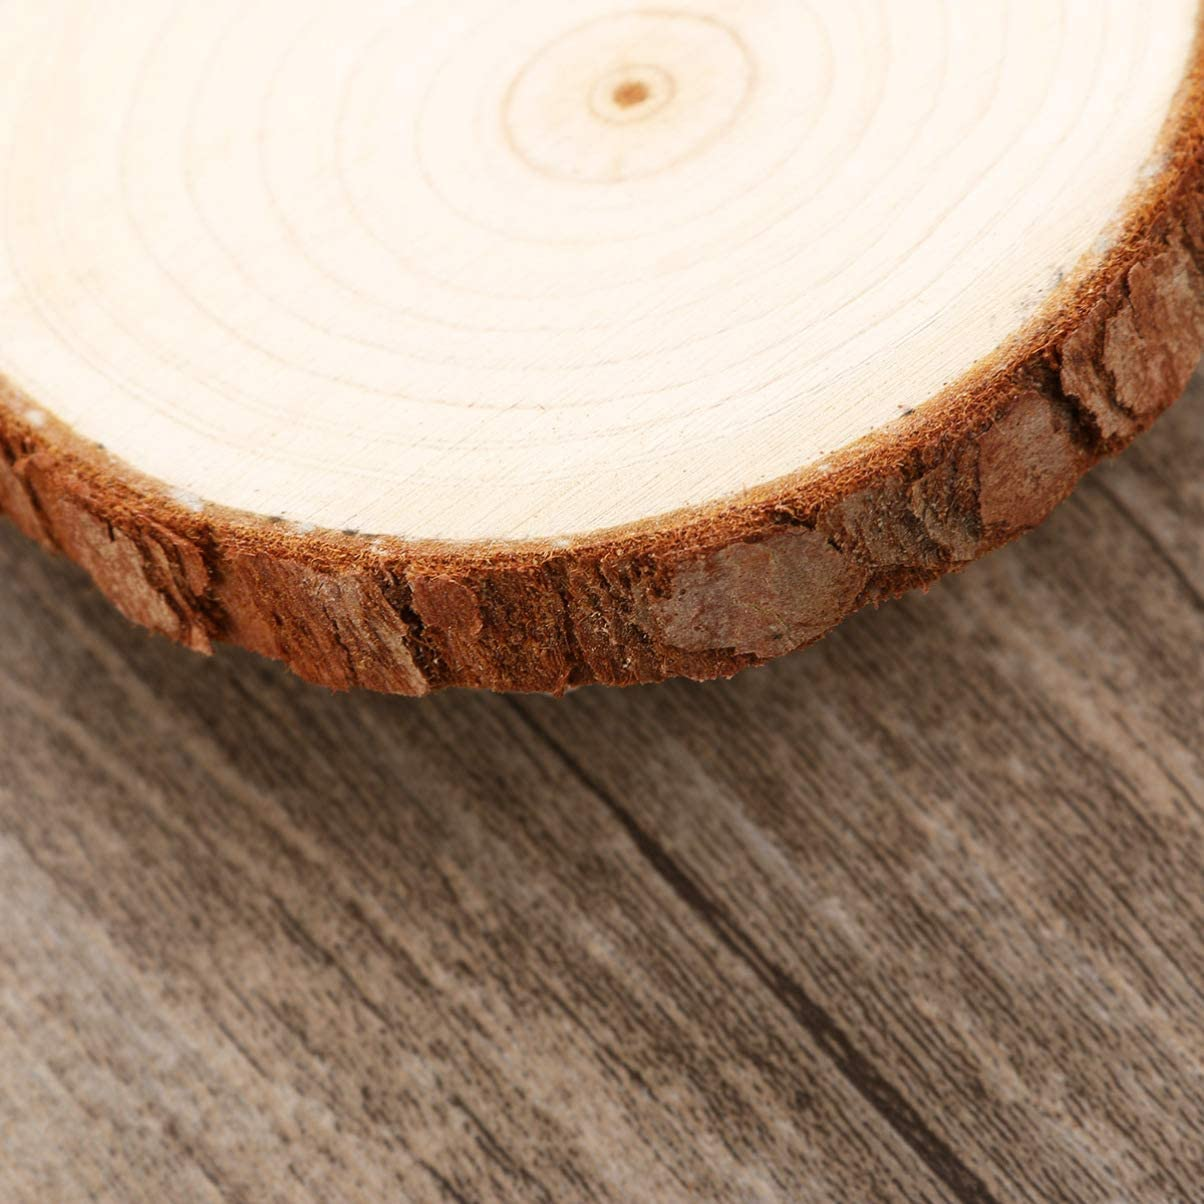 DOITOOL 10 pi/èces tranches de bois naturel non finis rondin de bois deco de rondins de b/ûches pour bricolage artisanat de No/ël d/écorations de mariage rustiques 7-9CM